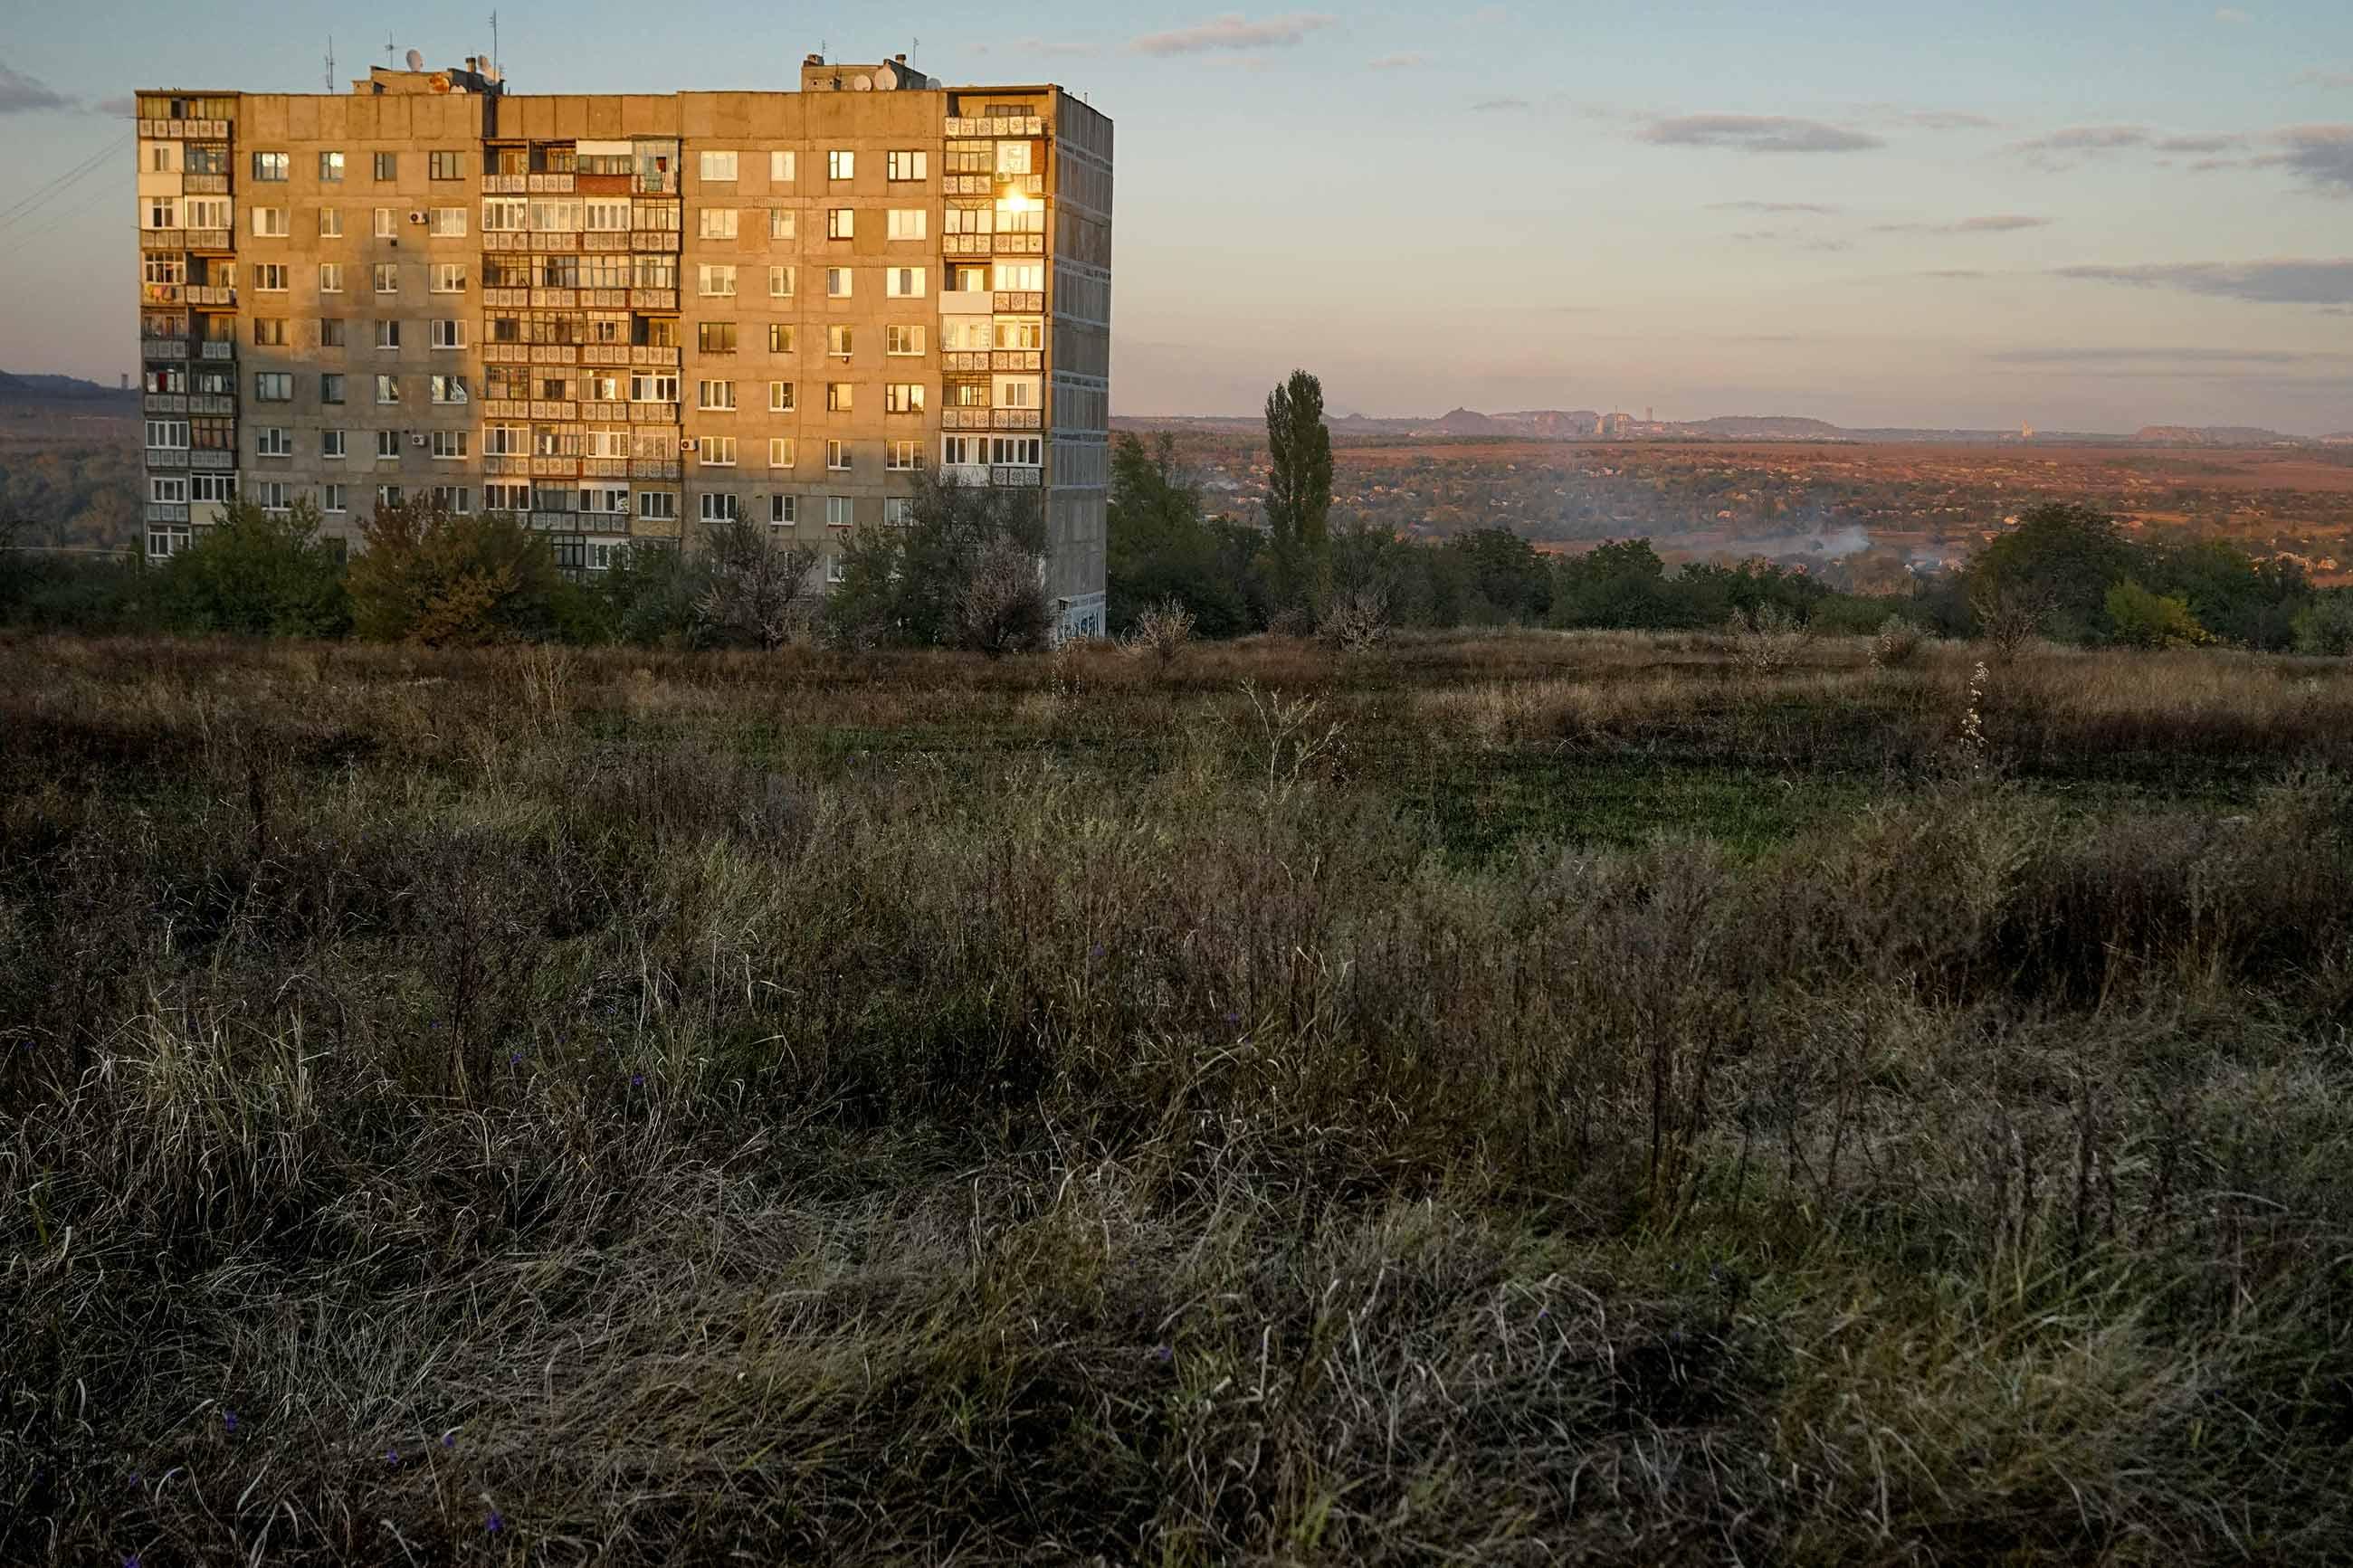 new york 0287 - <b>Смт Нью-Йорк у нестямі.</b> Селищу на Донбасі повернули історичну назву — і це запустило процес змін - Заборона